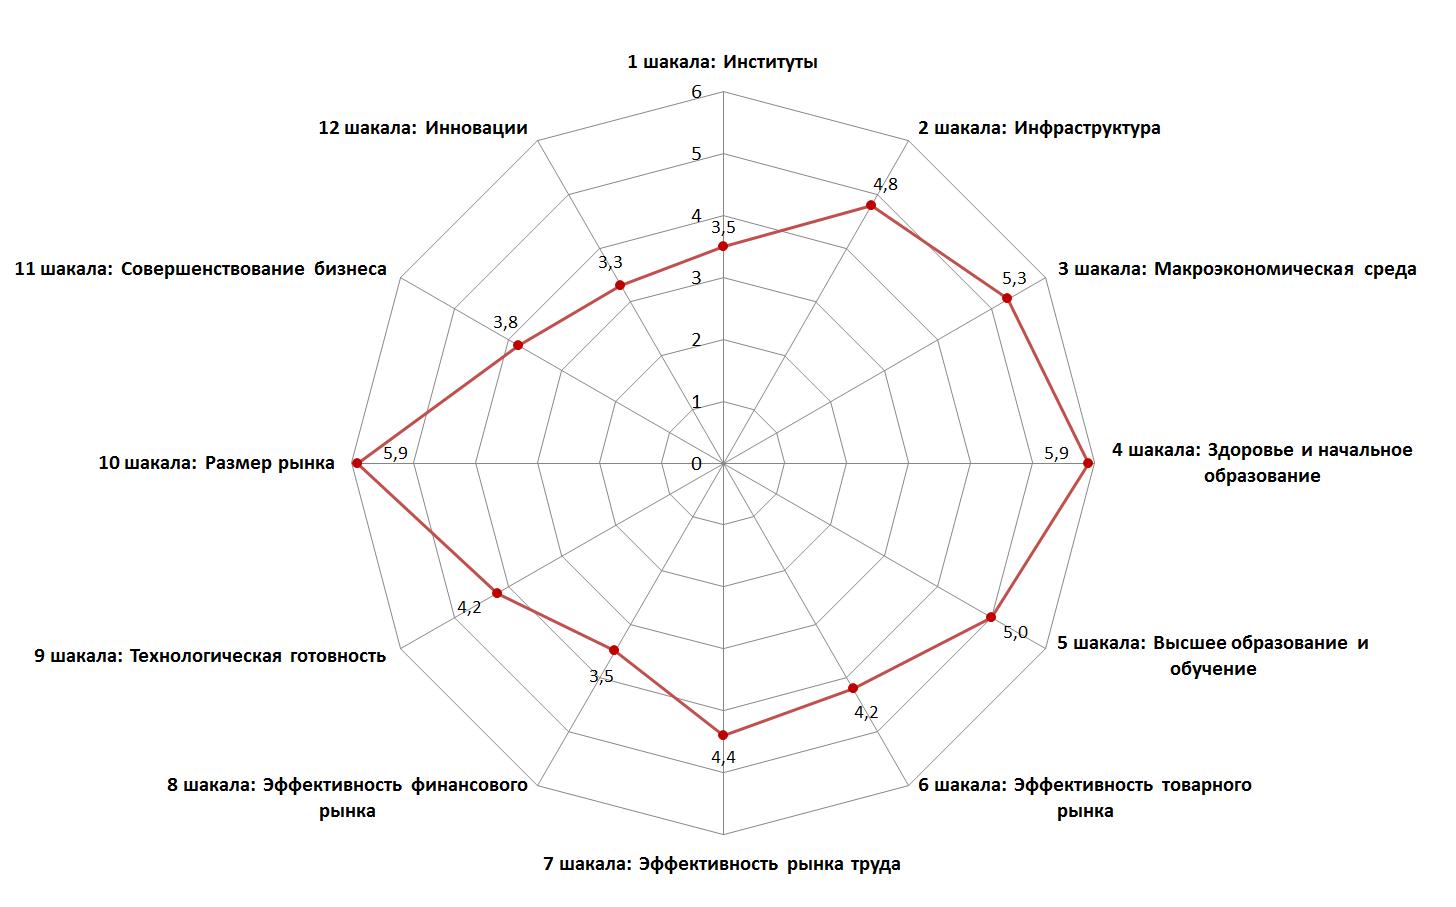 Рейтинг конкурентоспособности стран